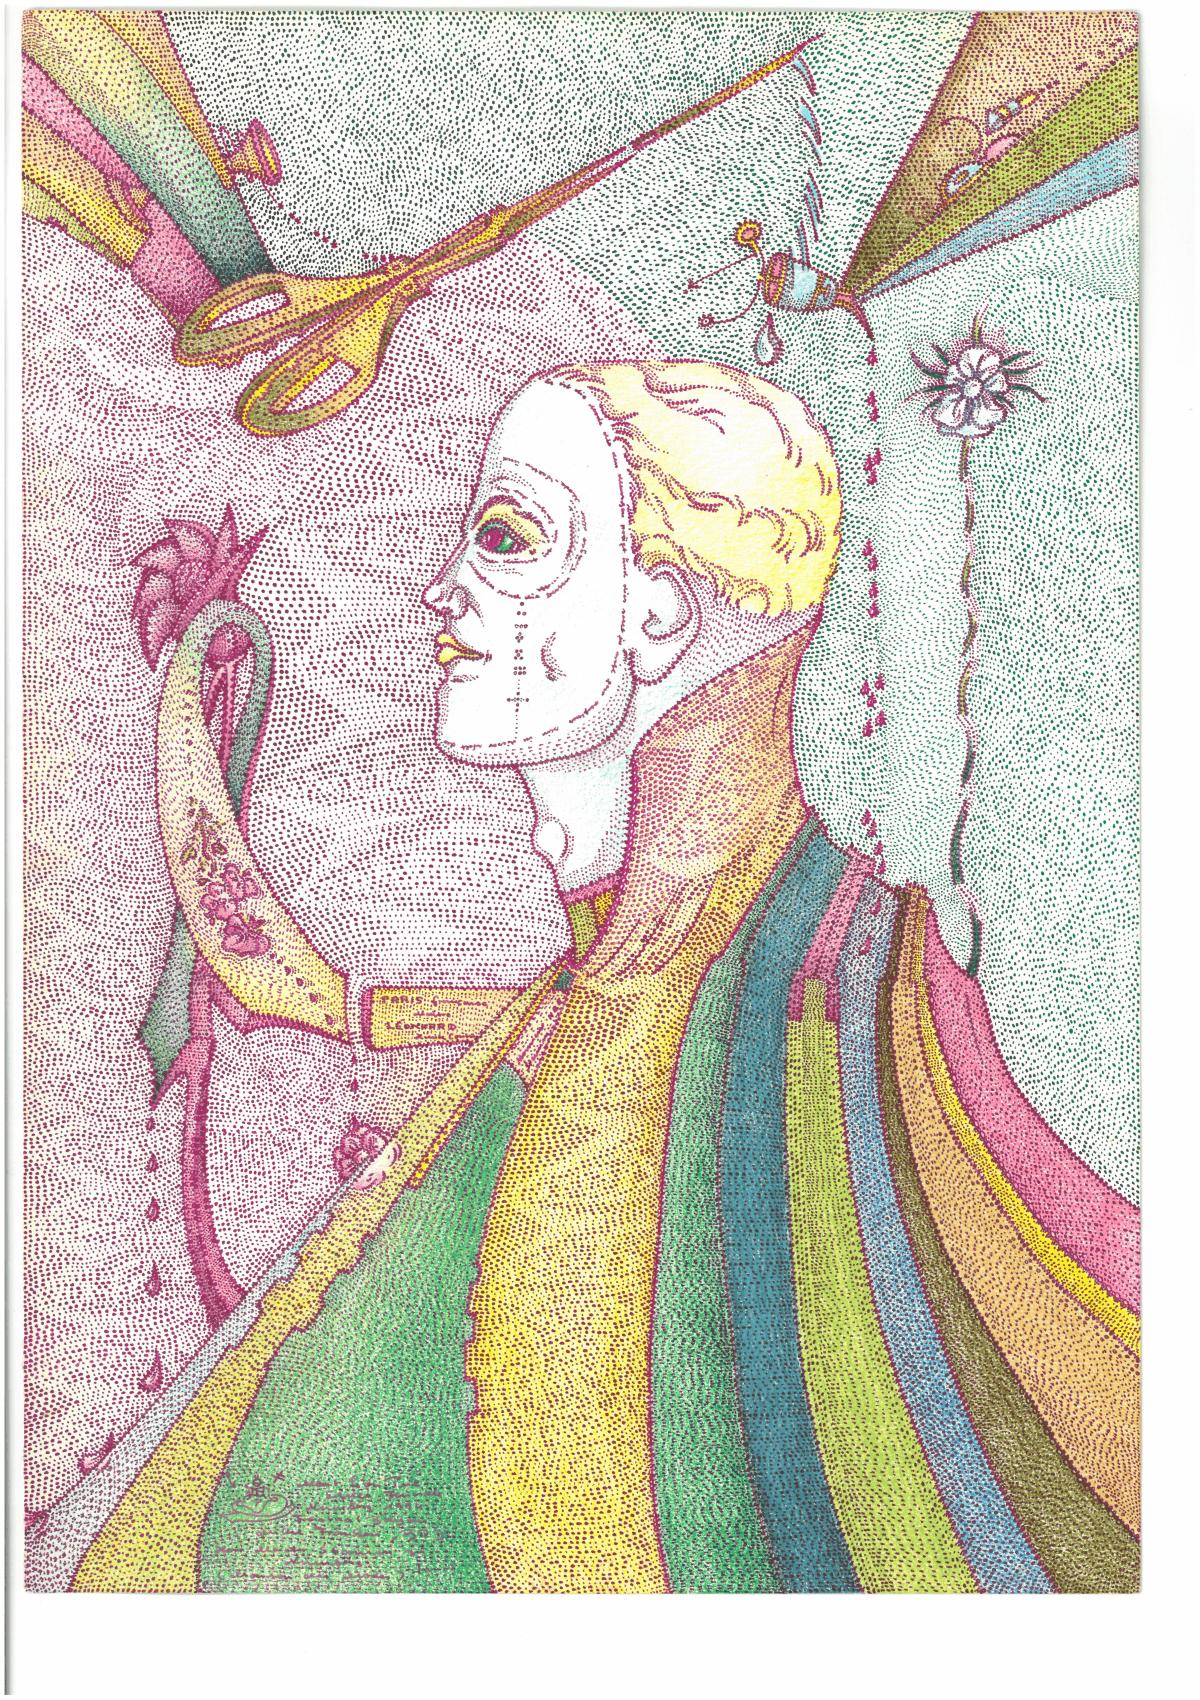 Albert Leo Peil, Modemeister Stamm zu Nürnberg Junior (Maison des Modes), 1989, Tusche und Farbstift auf Papier, 32 x 24 cm, Foto: kunst galerie fürth